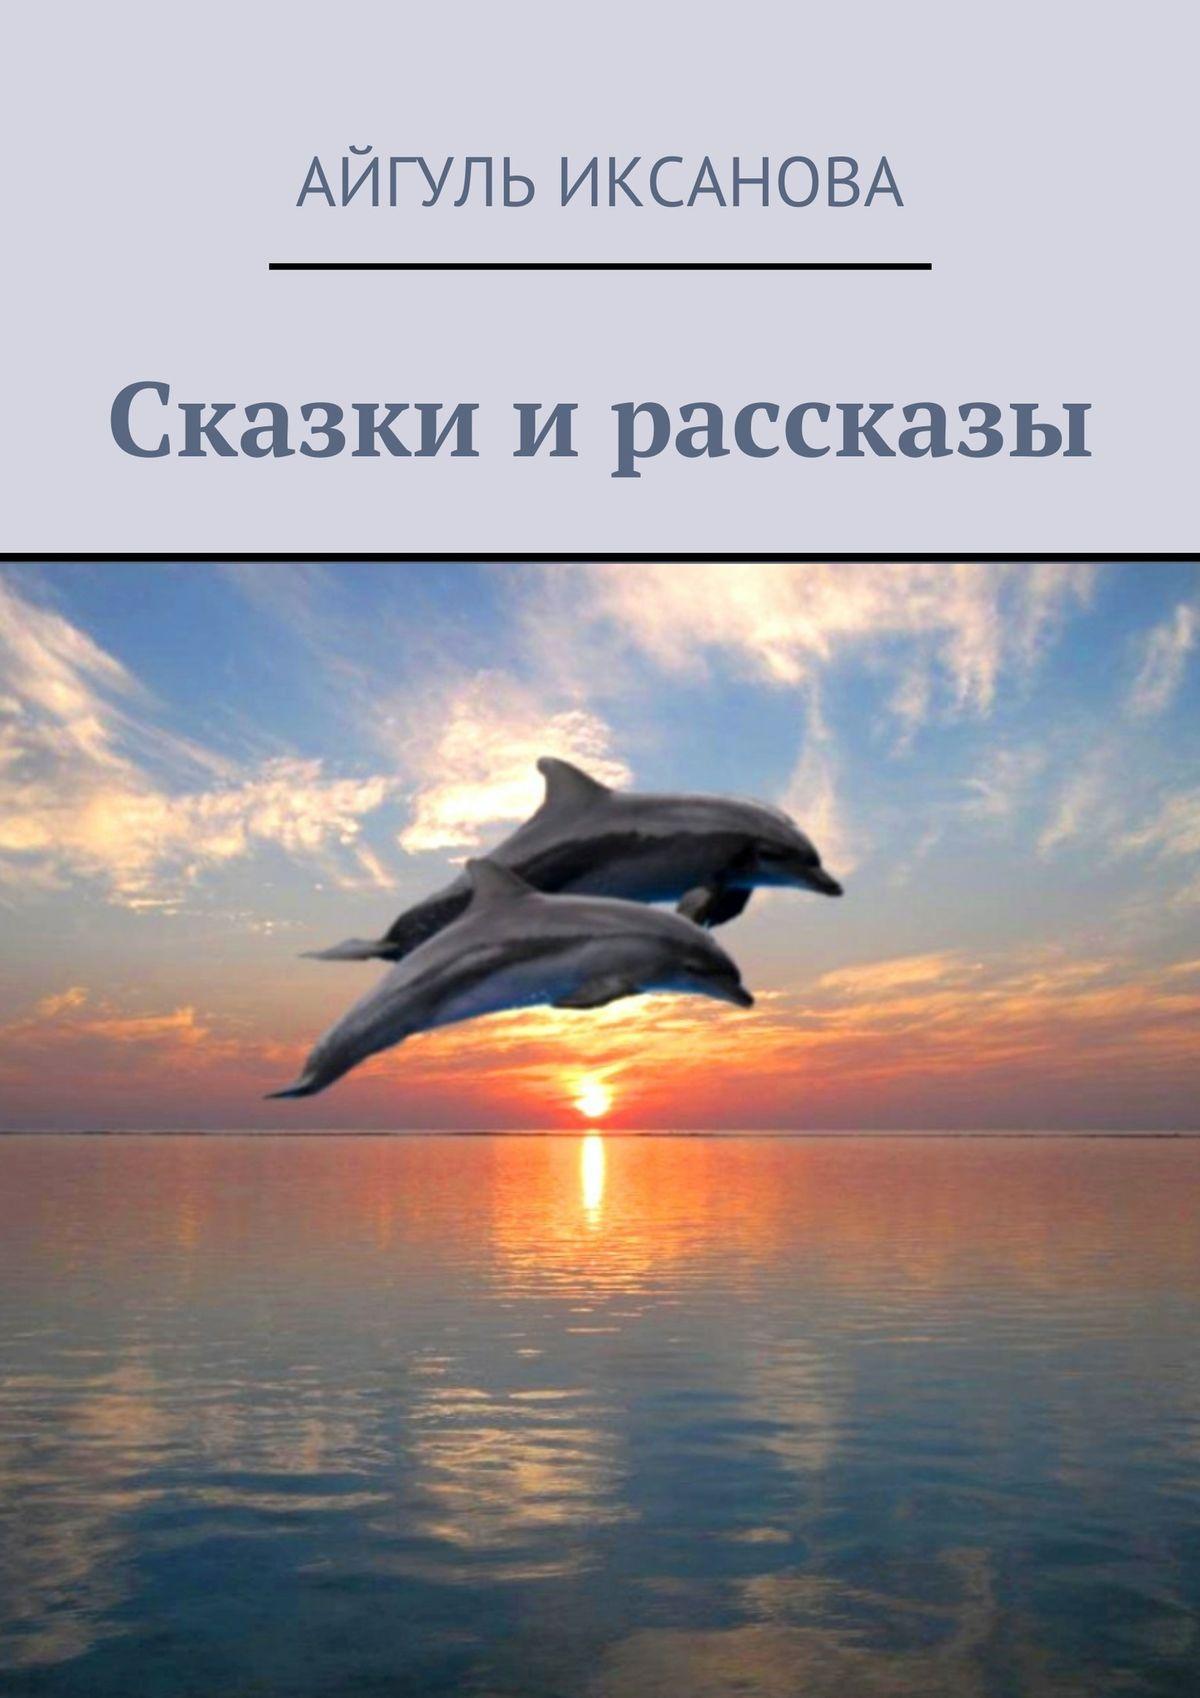 Айгуль Иксанова Сказки и рассказы айгуль иксанова улицы севильи